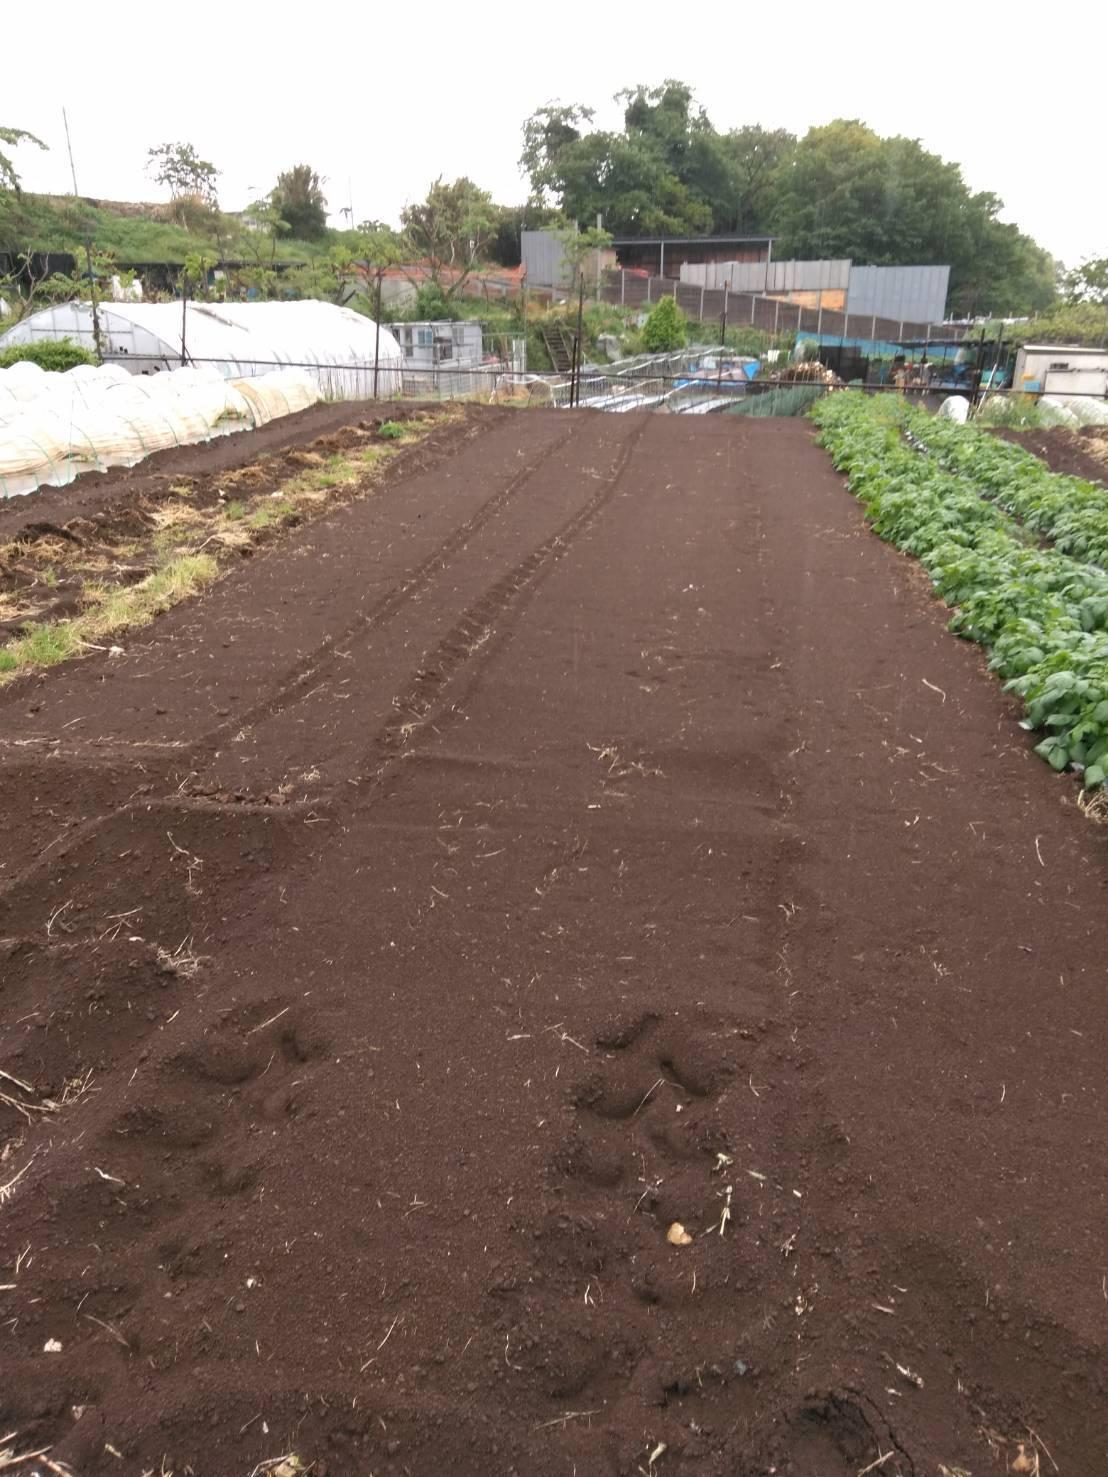 トマトの定植今朝を予定していましたが 雨で断念 明日水が引いたら・・・_c0222448_15441435.jpg